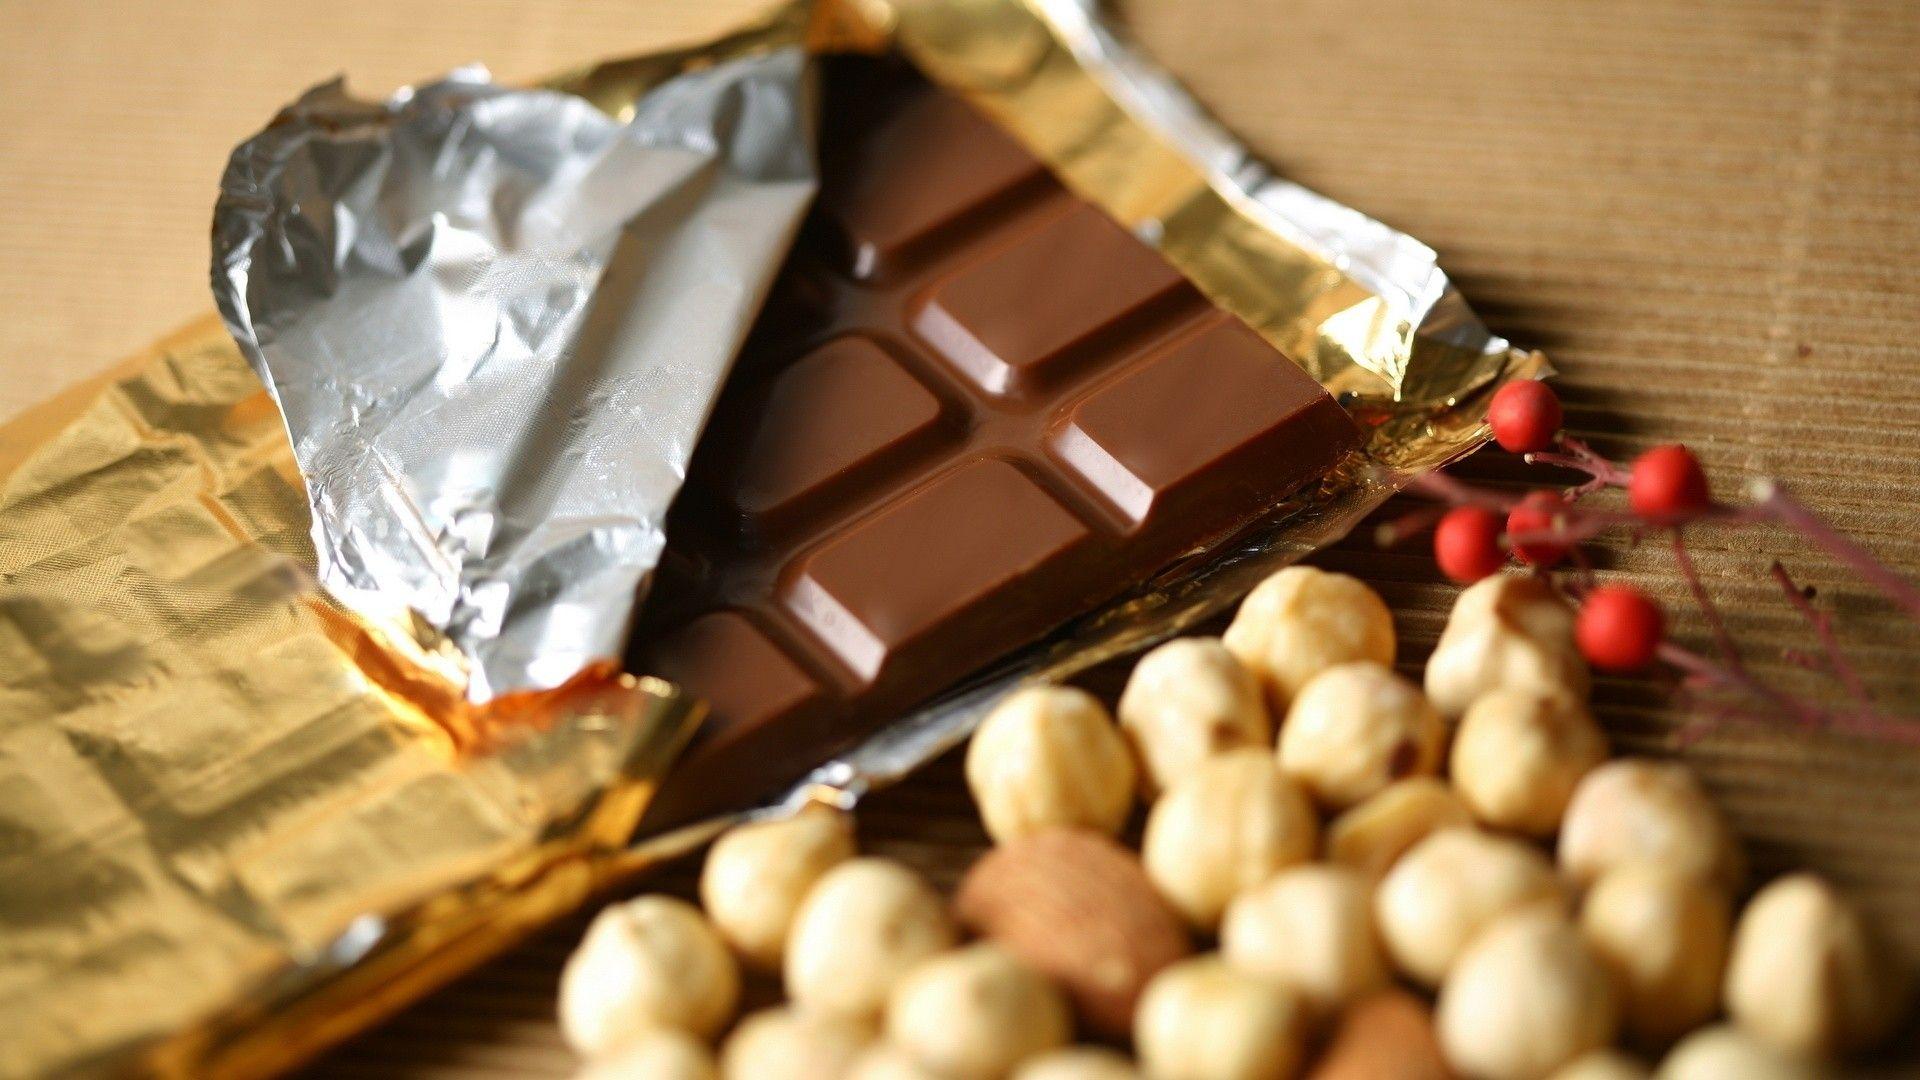 脳の活性化にチョコレートは厳禁!